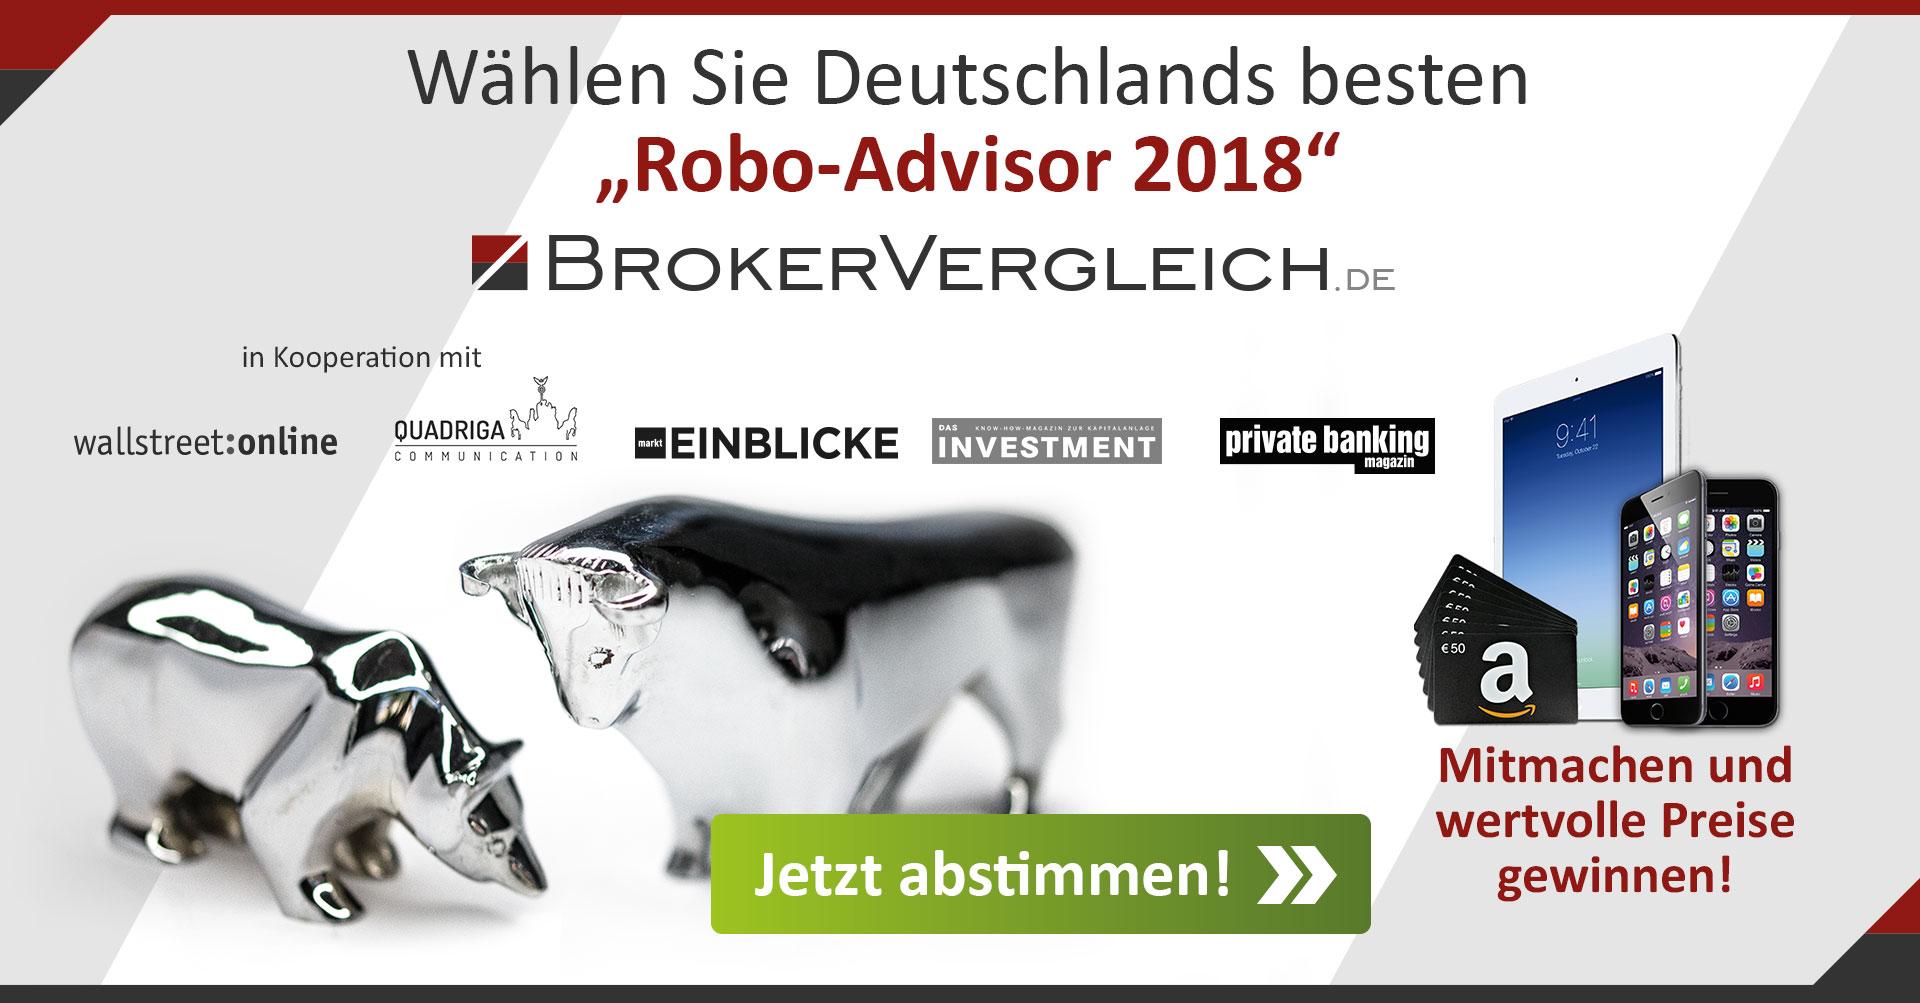 robo-advisor-2018-brokervergleich-de-1920x1003